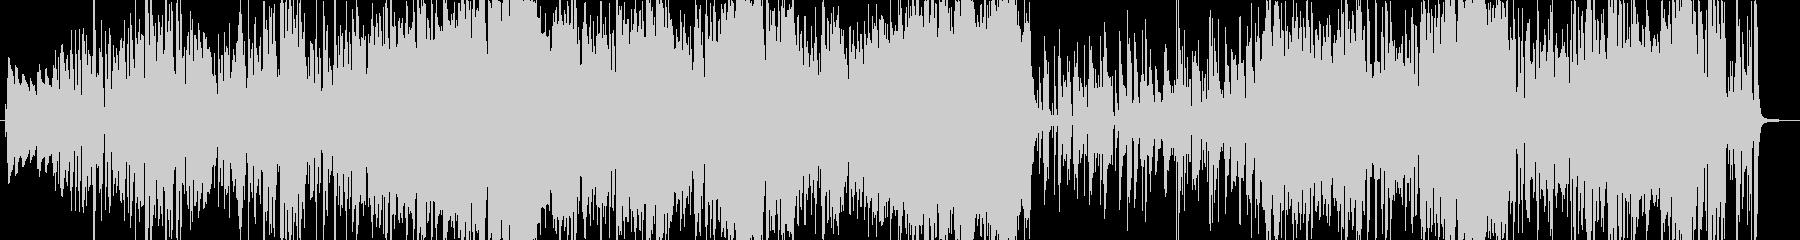 サックスとトランペットの軽快なジャズの未再生の波形